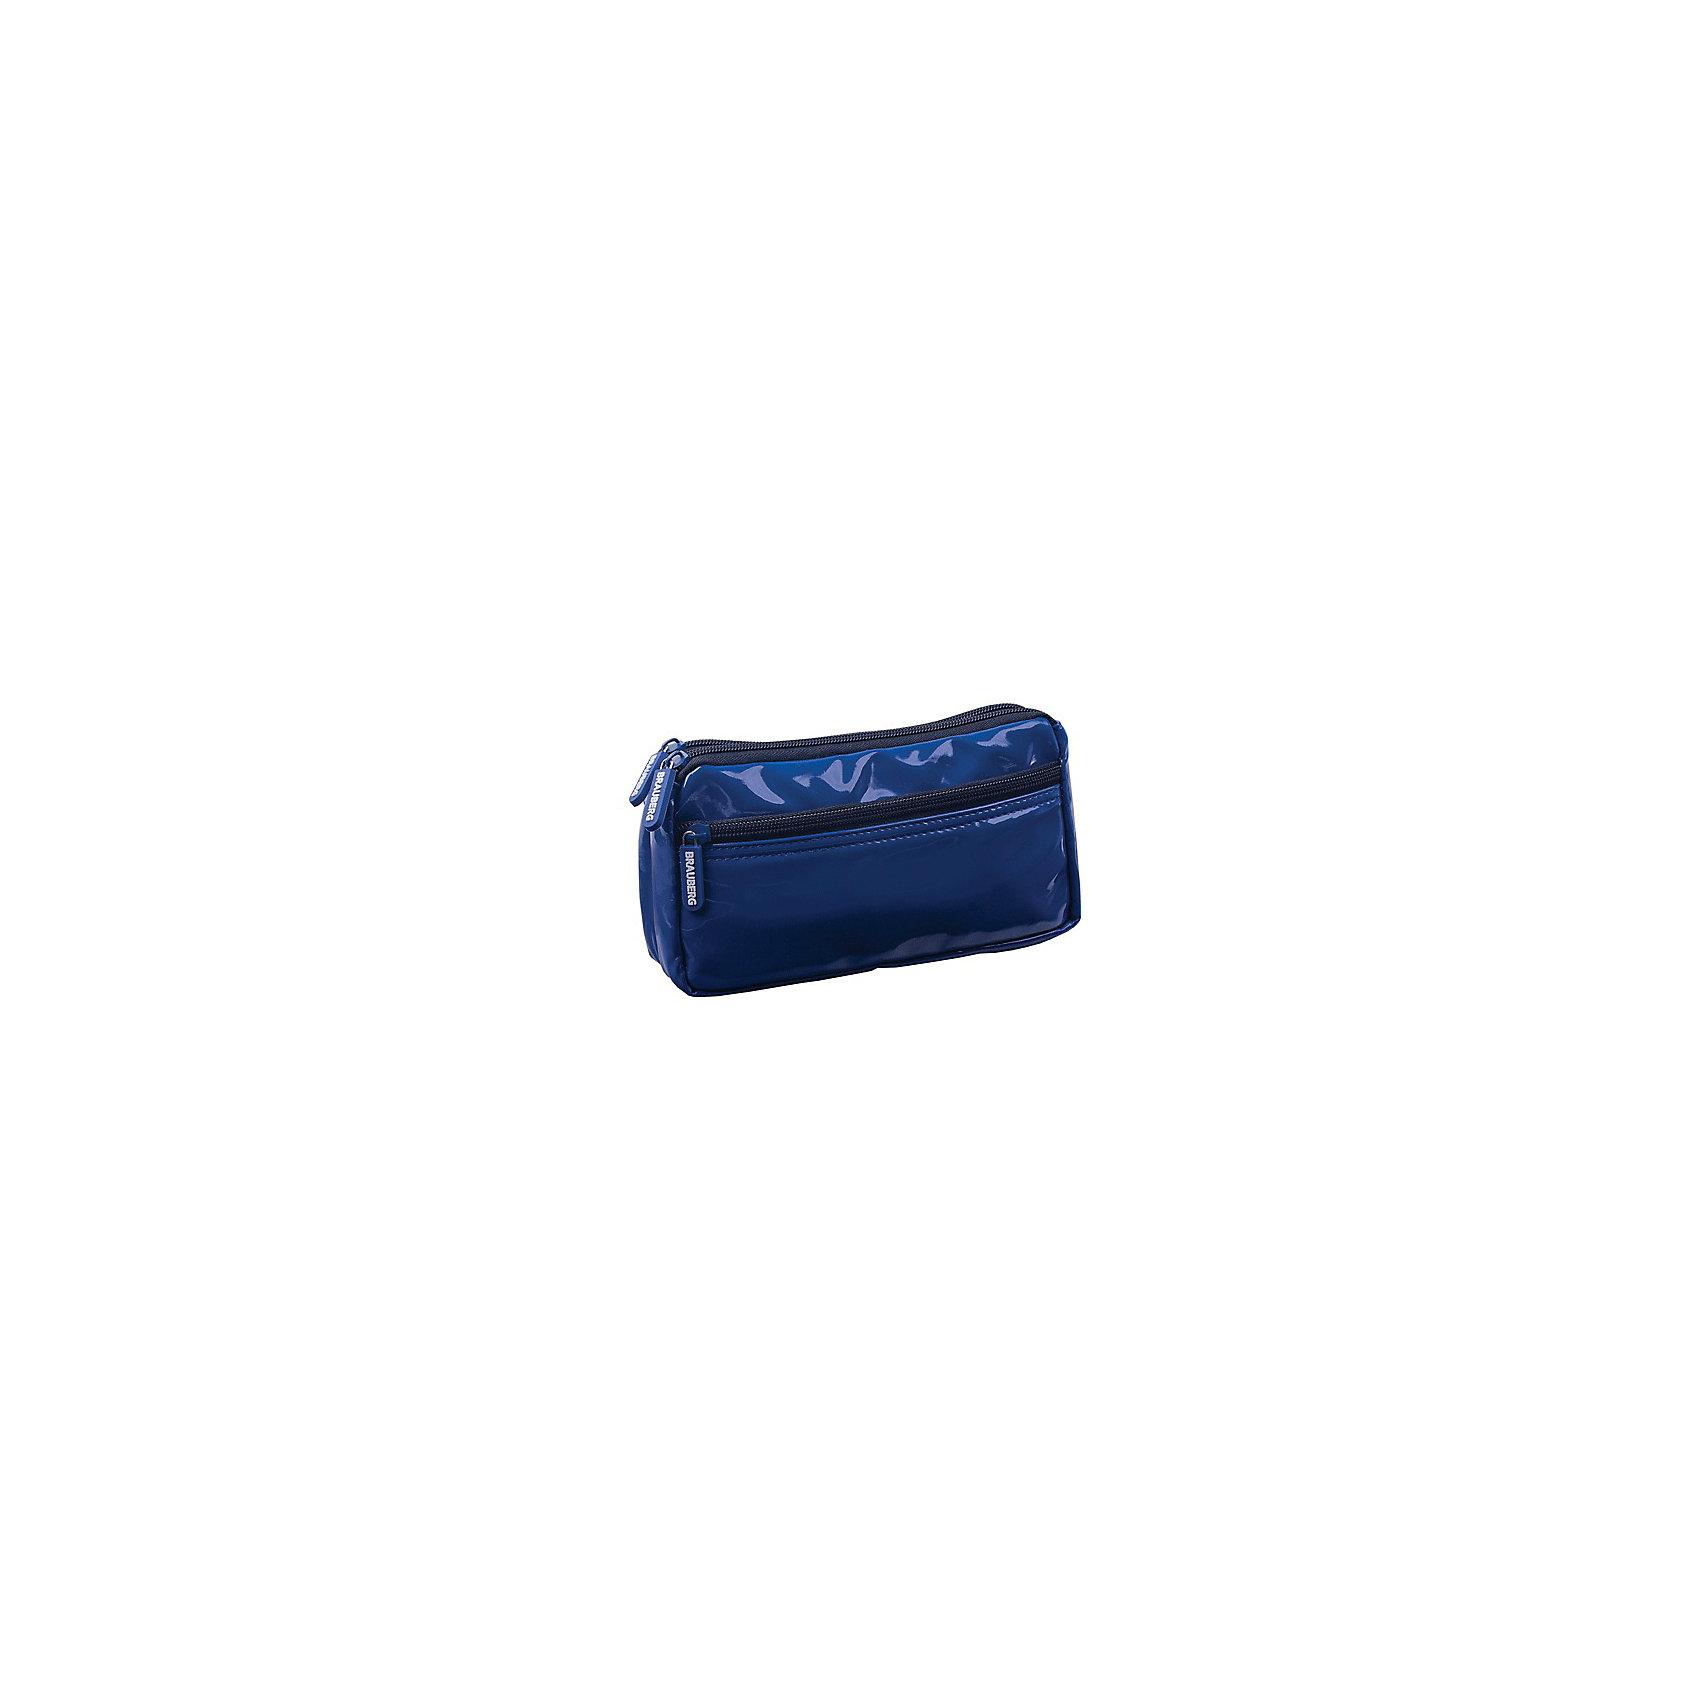 Пенал-косметичка BRAUBERG под глянц. кожу, синий, 2 отд. 1 карман, Милан, 20*10*4 смПеналы без наполнения<br>Пенал-косметичка представлен в темно-синем цвете. Выполнен из мягкой искусственной кожи и отличается элегантным и лаконичным дизайном. Стильный аксессуар позволяет систематизировать и хранить все необходимые мелочи в порядке.<br><br>Ширина мм: 56<br>Глубина мм: 10<br>Высота мм: 1<br>Вес г: 108<br>Возраст от месяцев: 72<br>Возраст до месяцев: 216<br>Пол: Женский<br>Возраст: Детский<br>SKU: 7036855